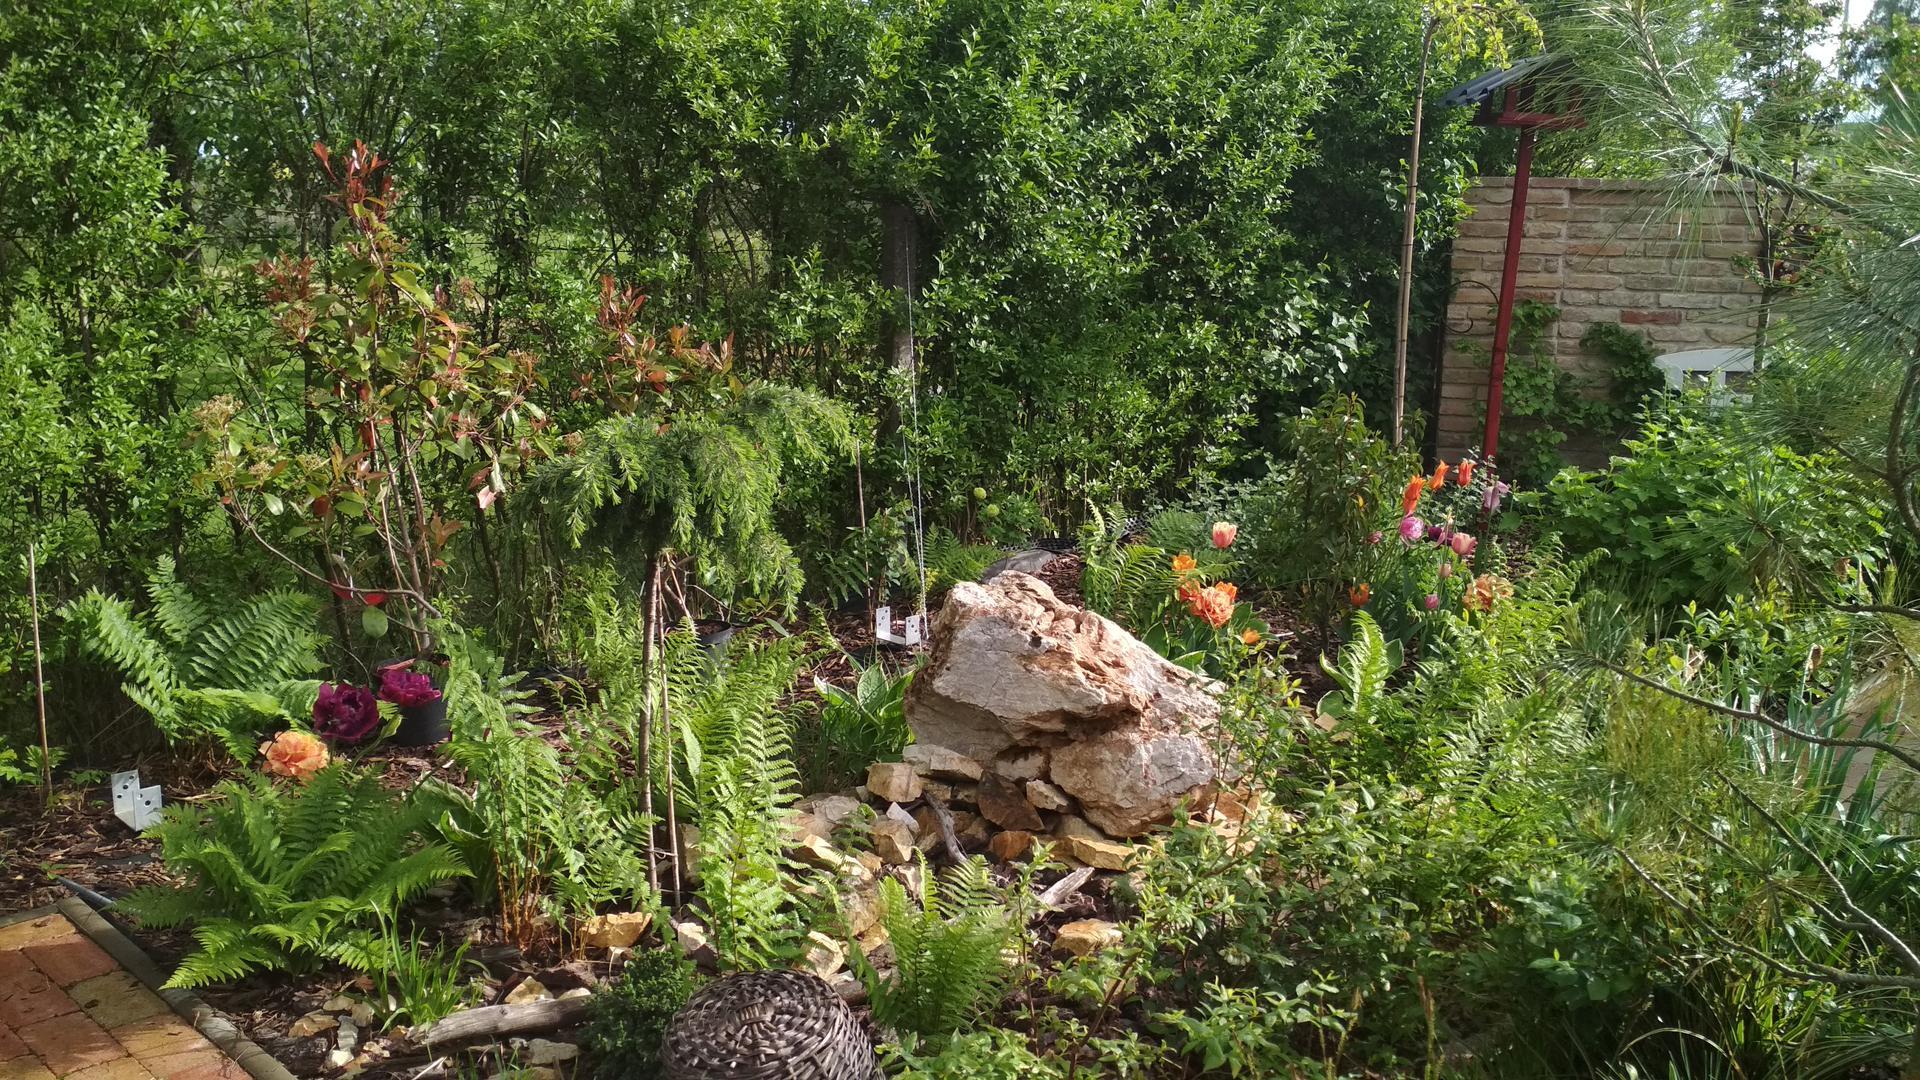 záhrada vidiecka, farebná rok 2021 - Obrázok č. 58